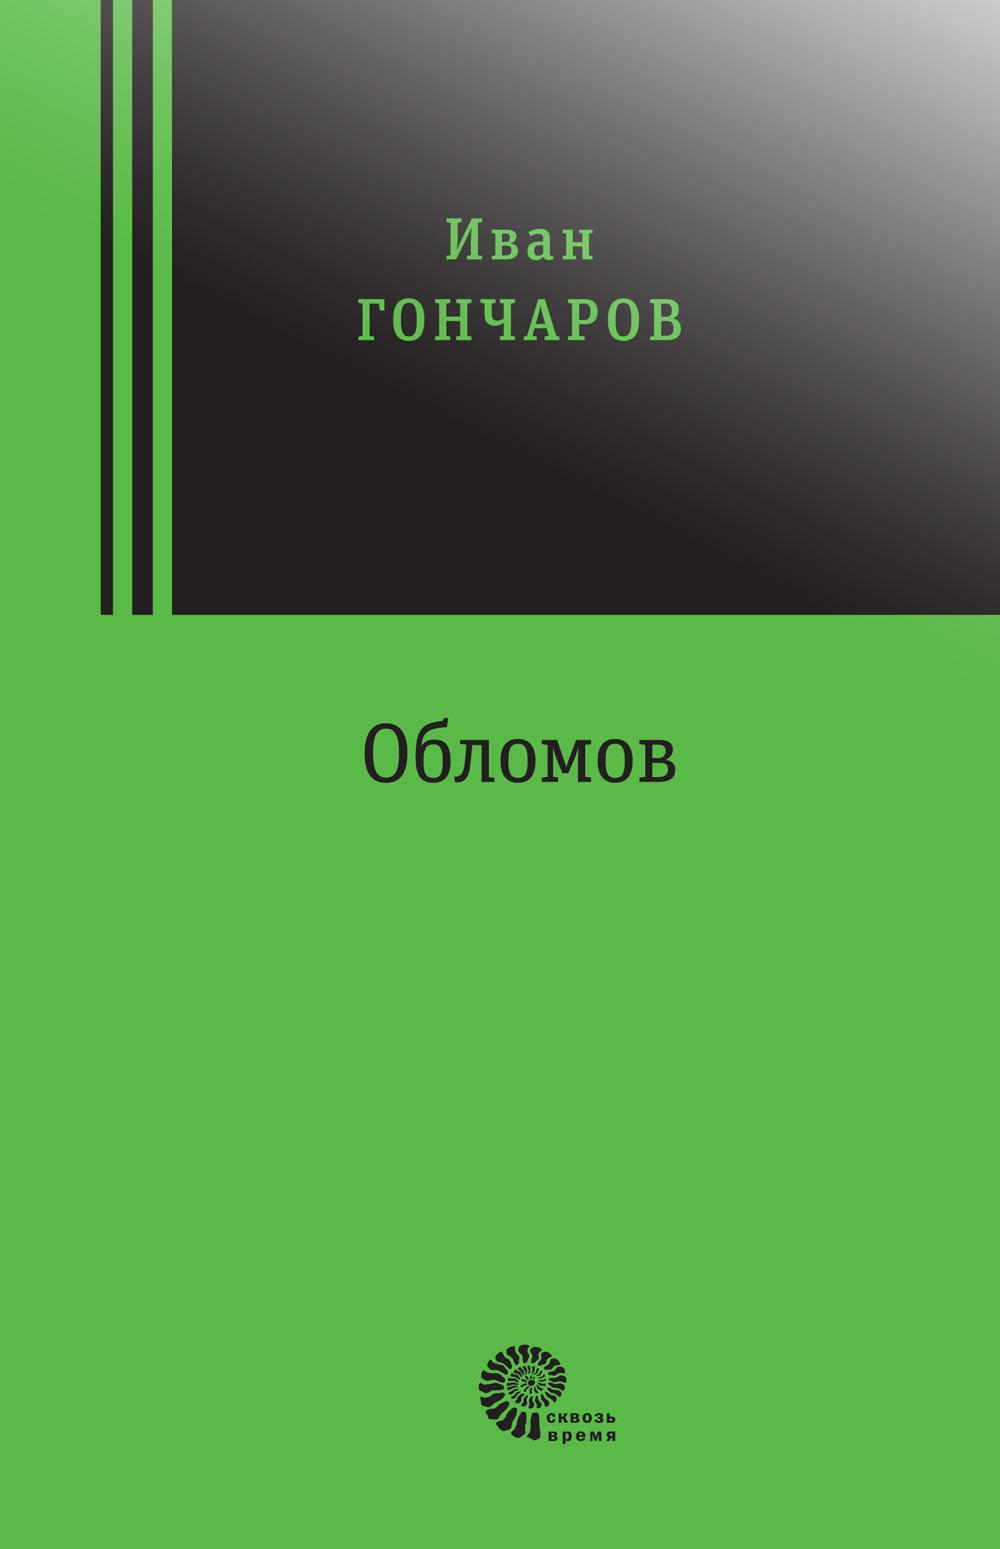 Обломов, Иван Гончаров, 978-5-9691-1597-2  - купить со скидкой